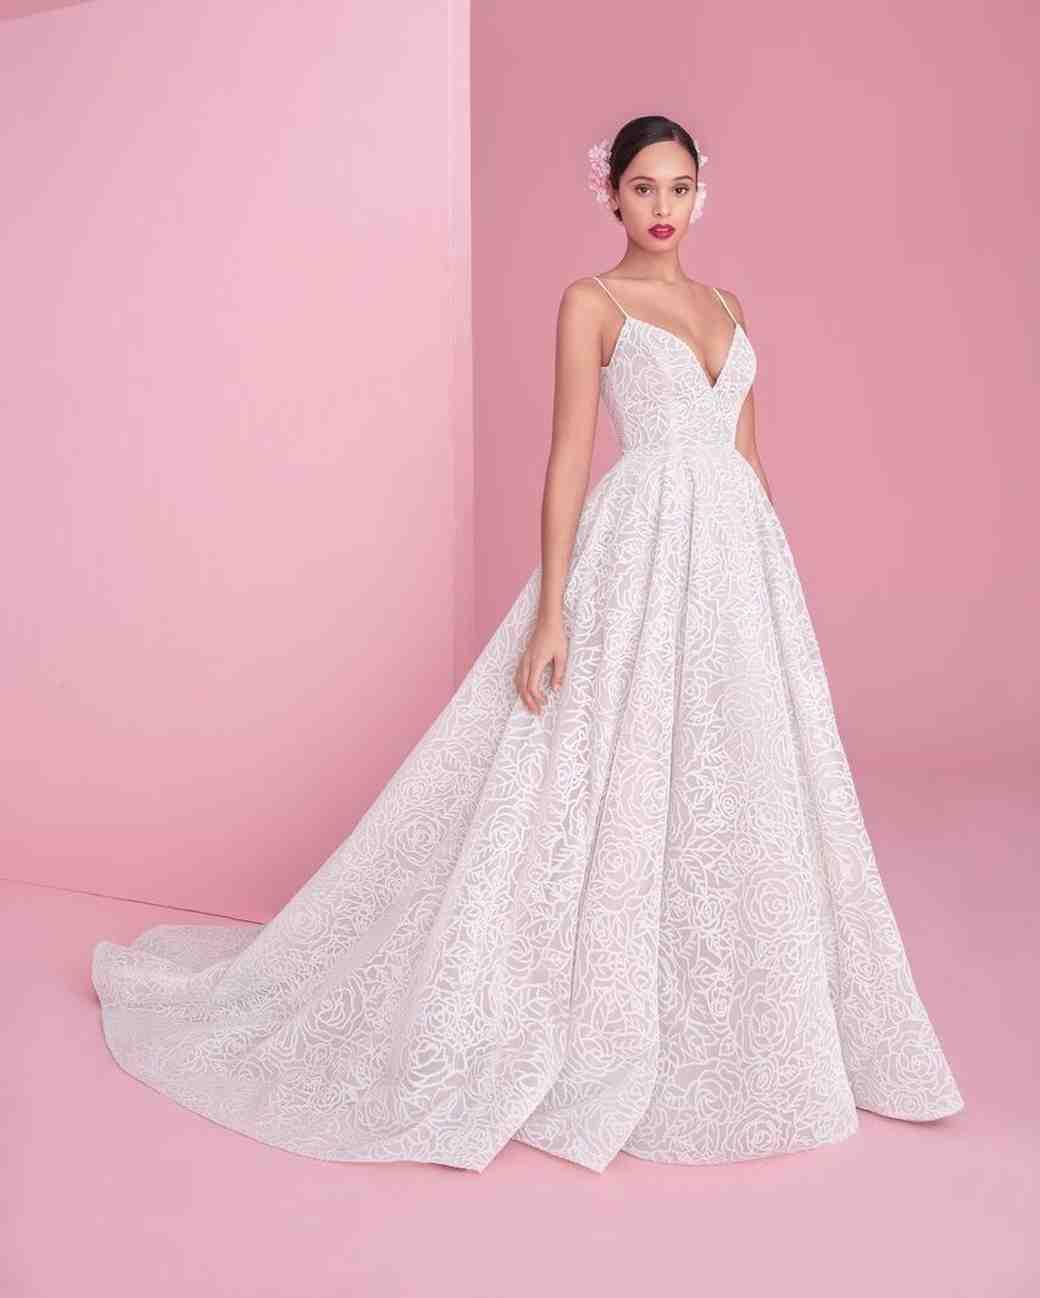 Magnífico Haley Paige Wedding Dresses Modelo - Ideas de Vestidos de ...